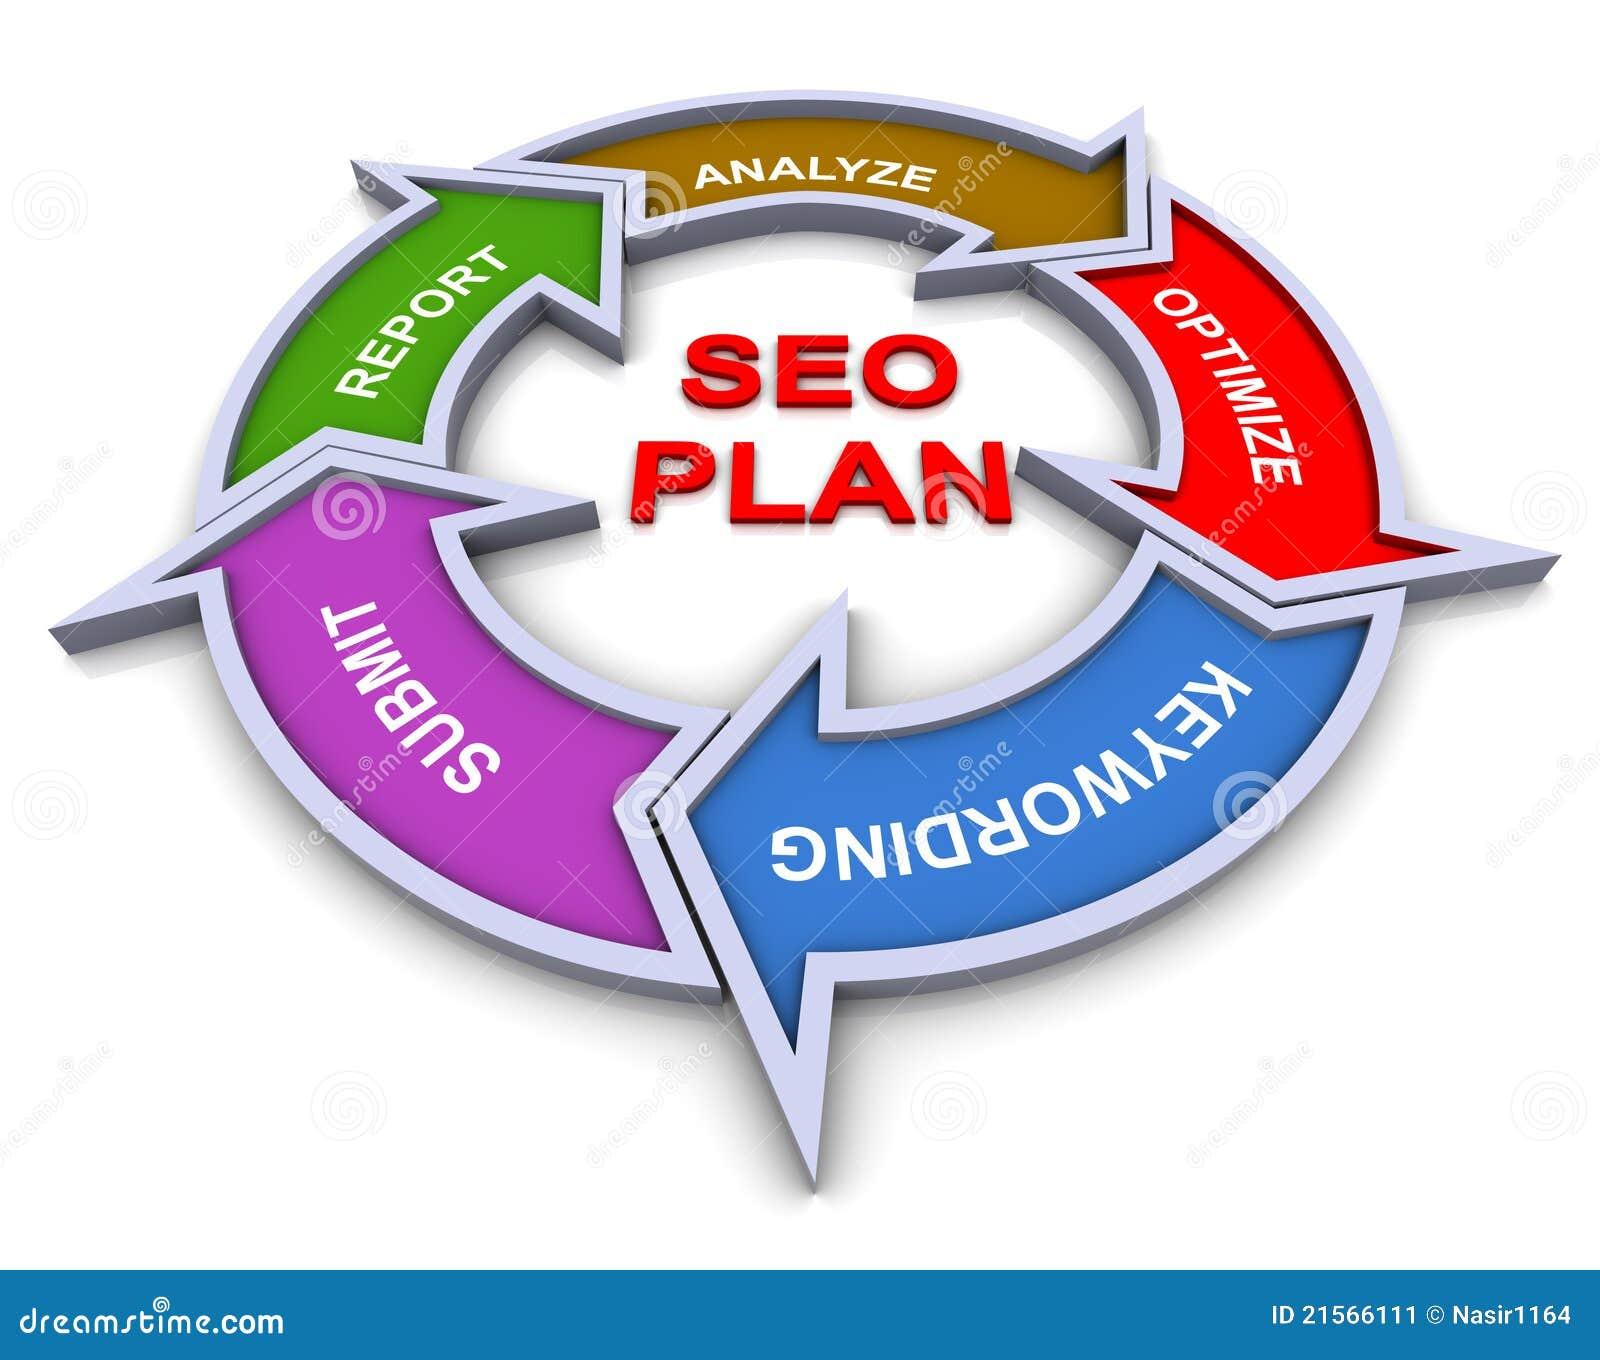 3d流程图计划seo